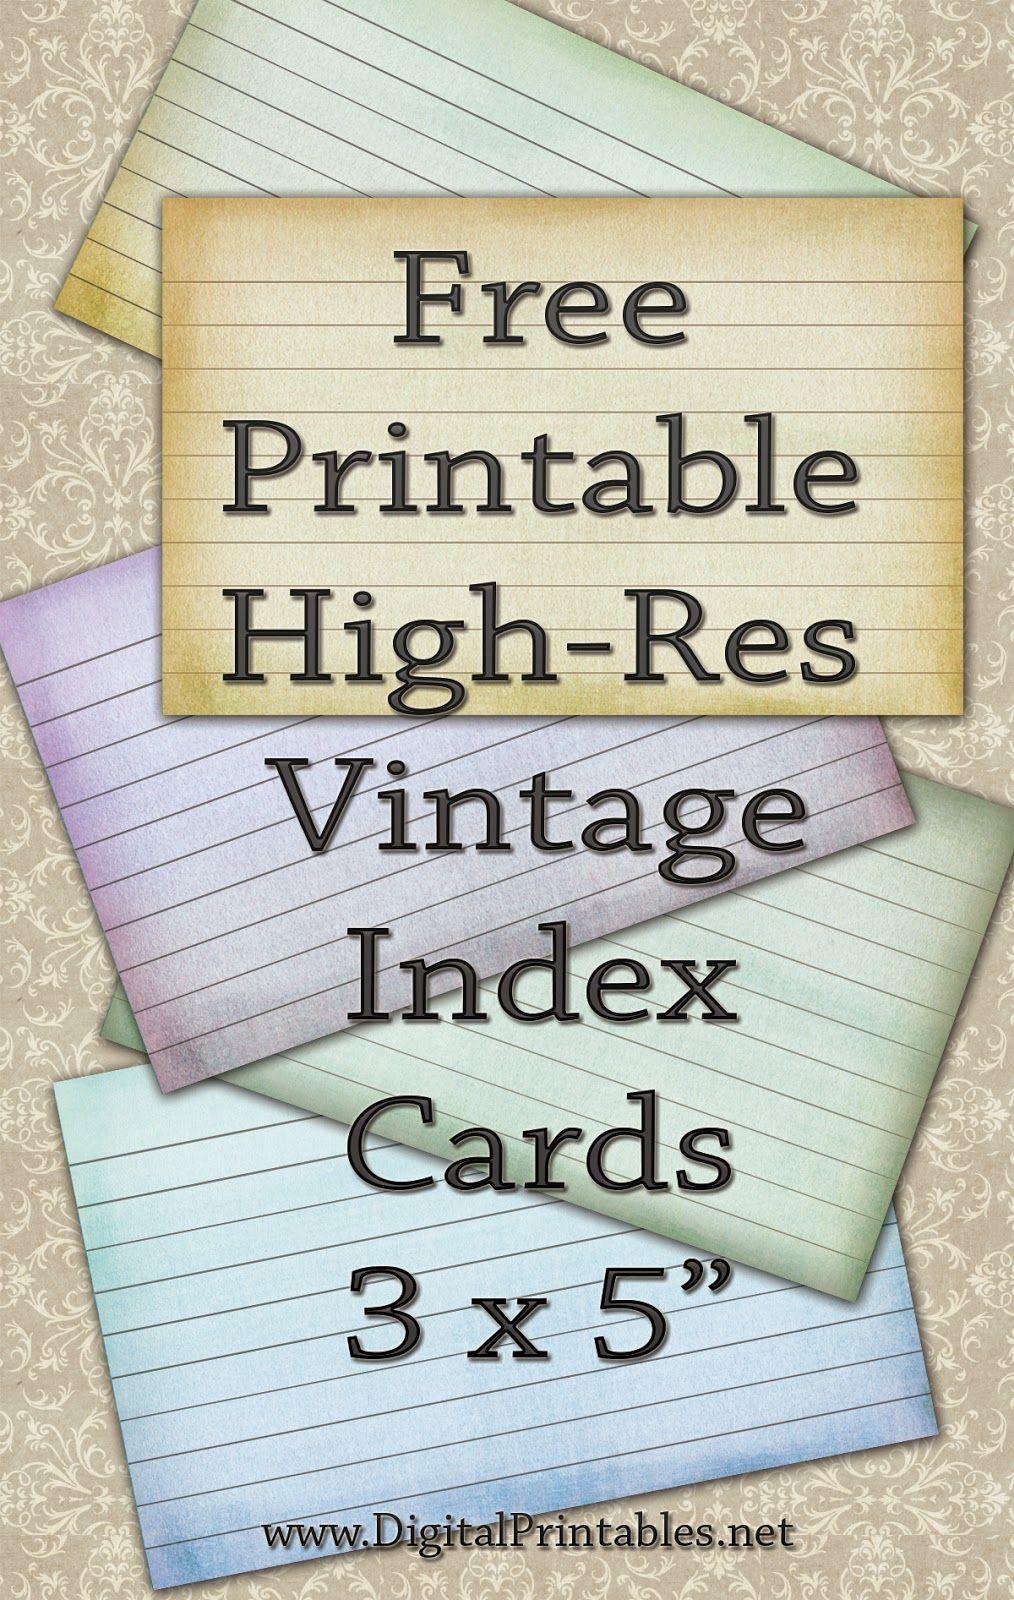 Free Printable Index Cards Vintage Look High Res   Freebies   Index - Free Printable Index Cards